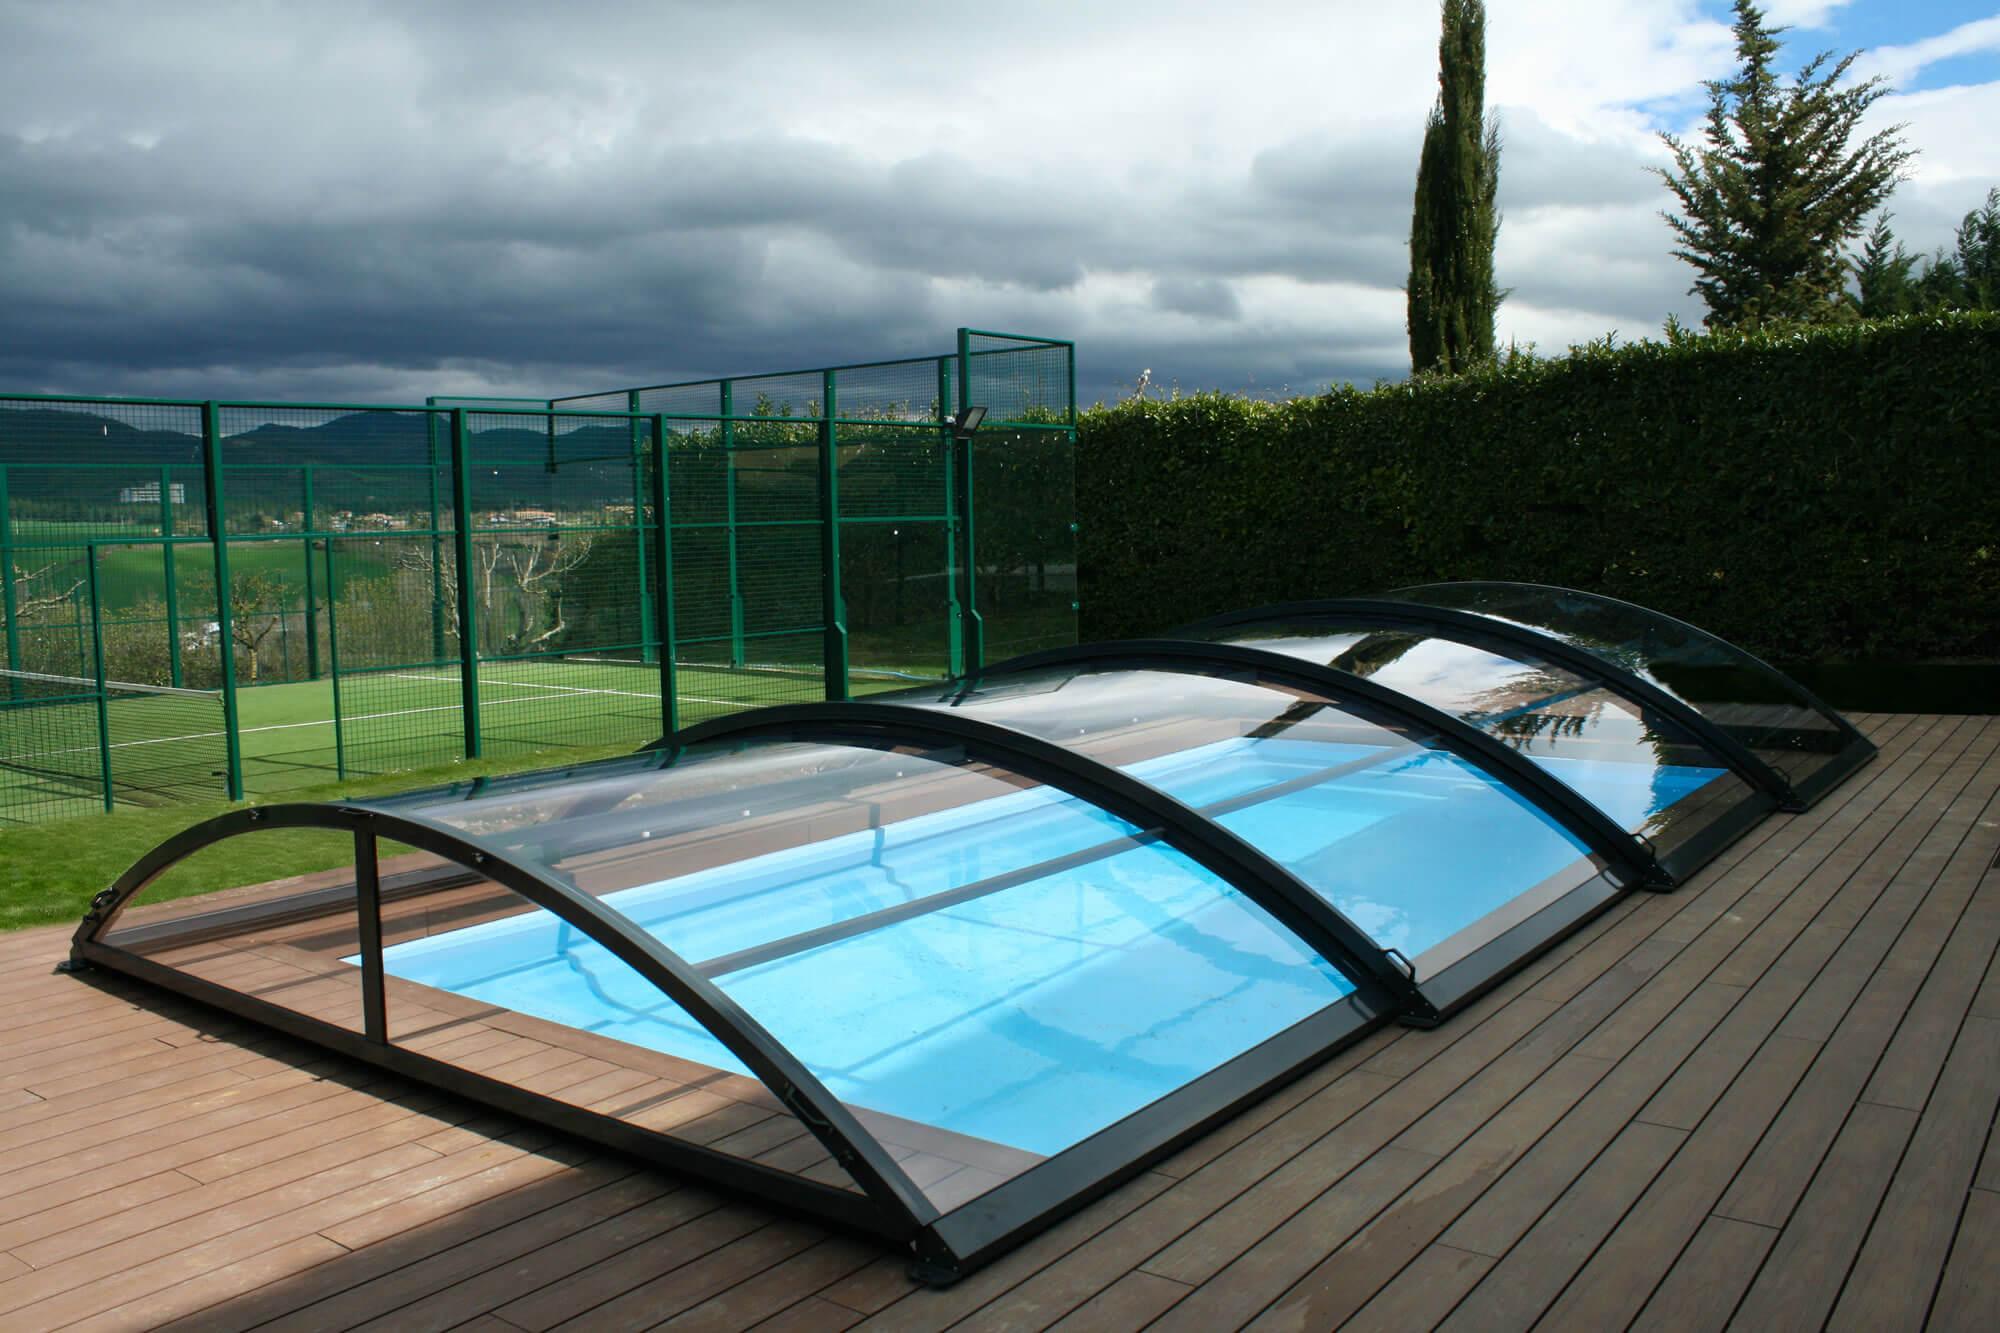 Cubiertas bajas para piscinas cubiertas de piscina tecnyvan - Piscinas cubiertas alcobendas ...